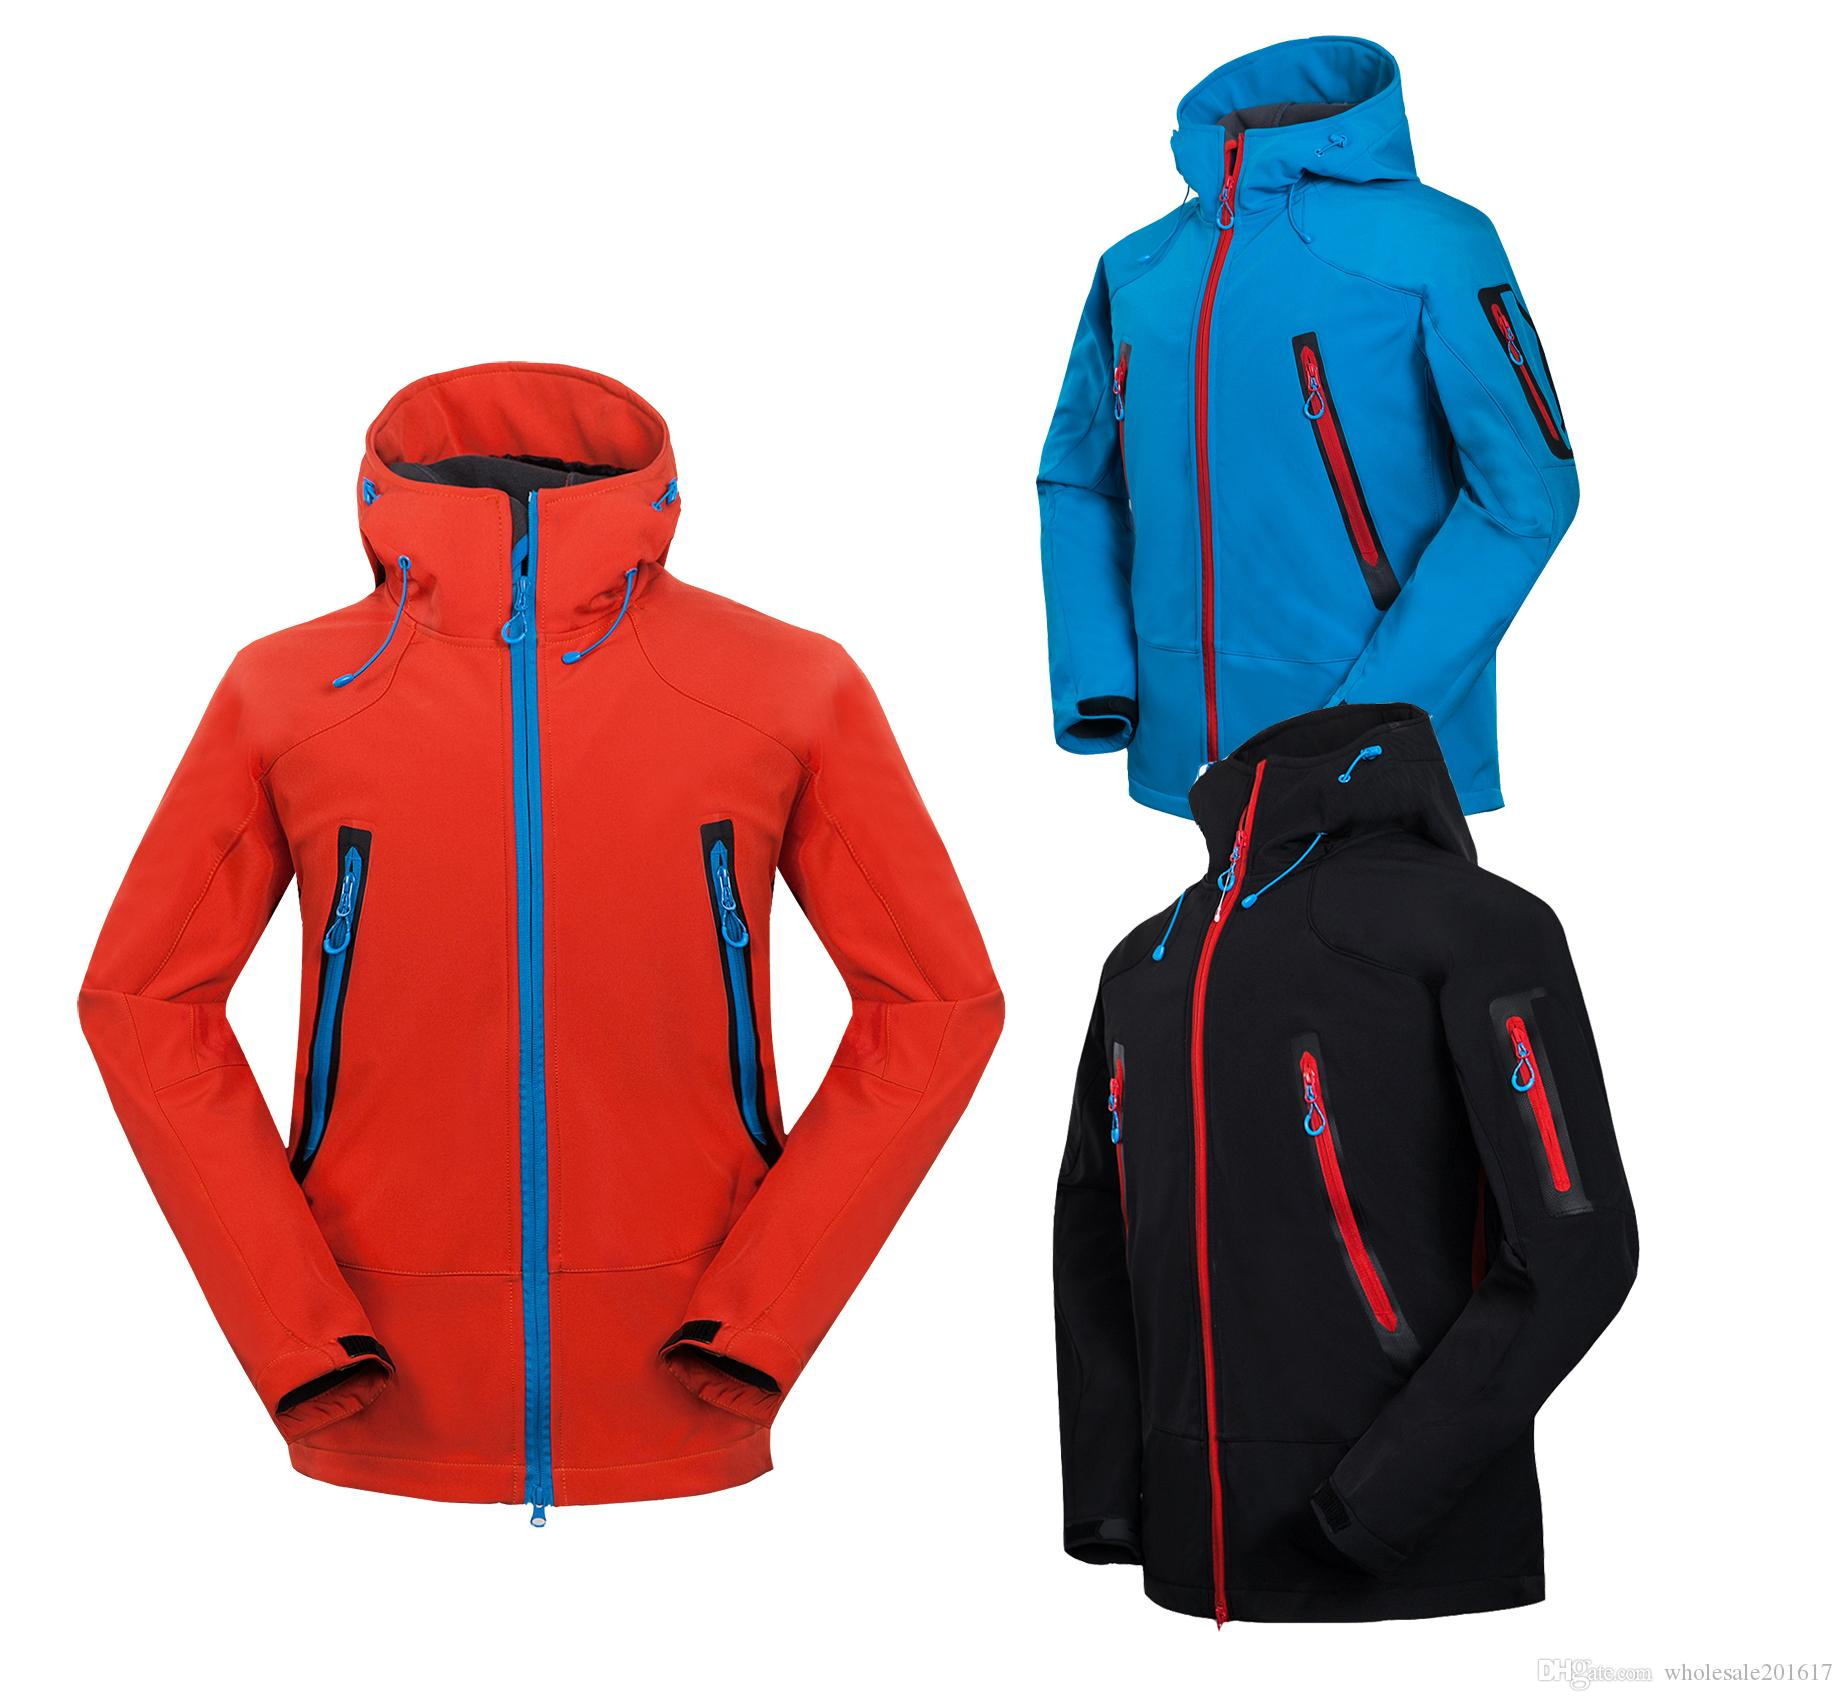 nuovi uomini HELLY giacca invernale con cappuccio Softshell per antivento e impermeabile morbido cappotto Shell Jacket HANSEN Giacche Cappotti 1640